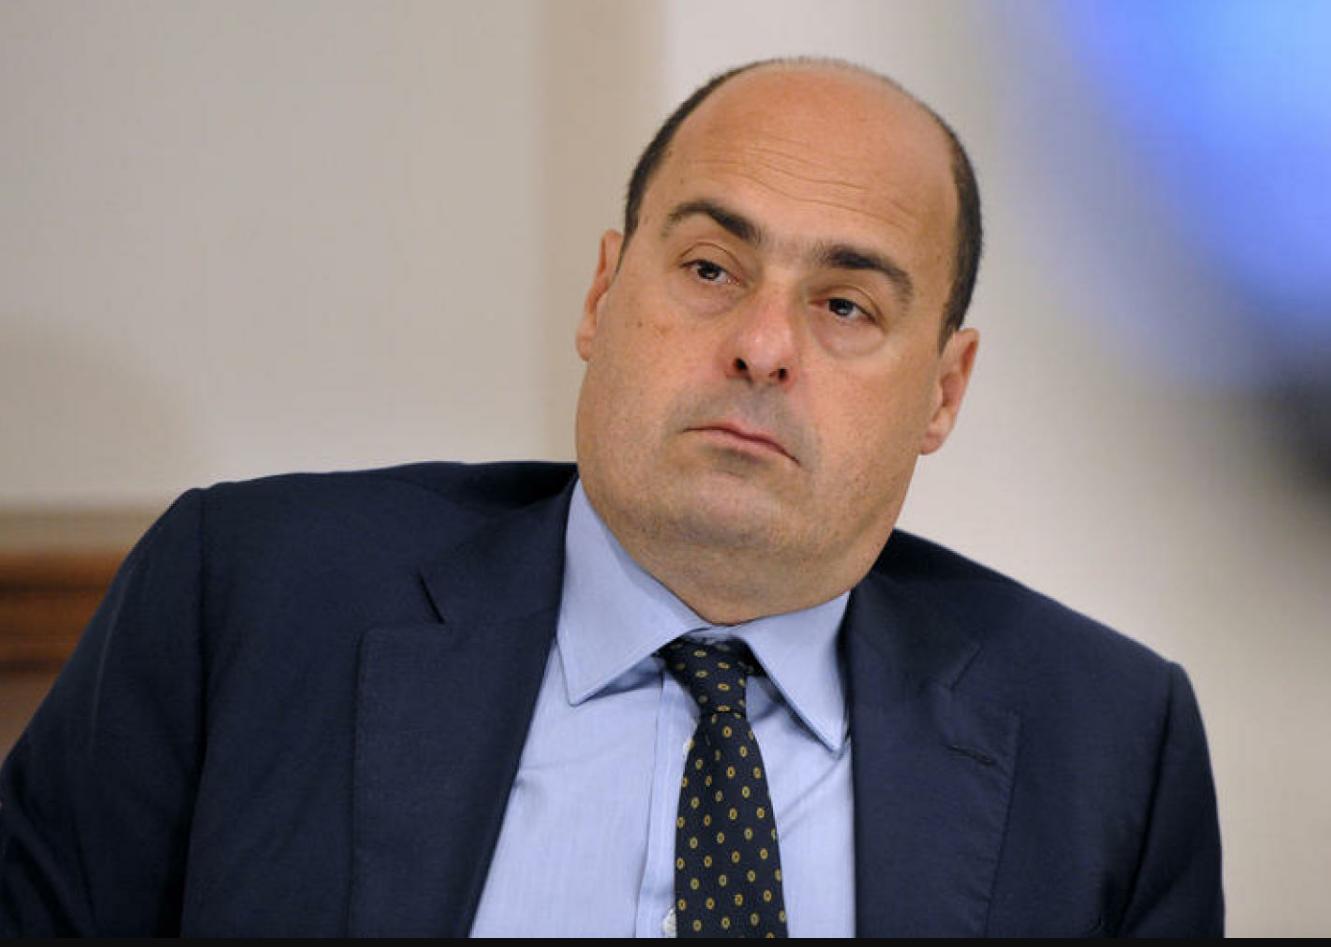 PD, Nicola Zingaretti si dimetterà presto: parole al veleno per i suoi colleghi